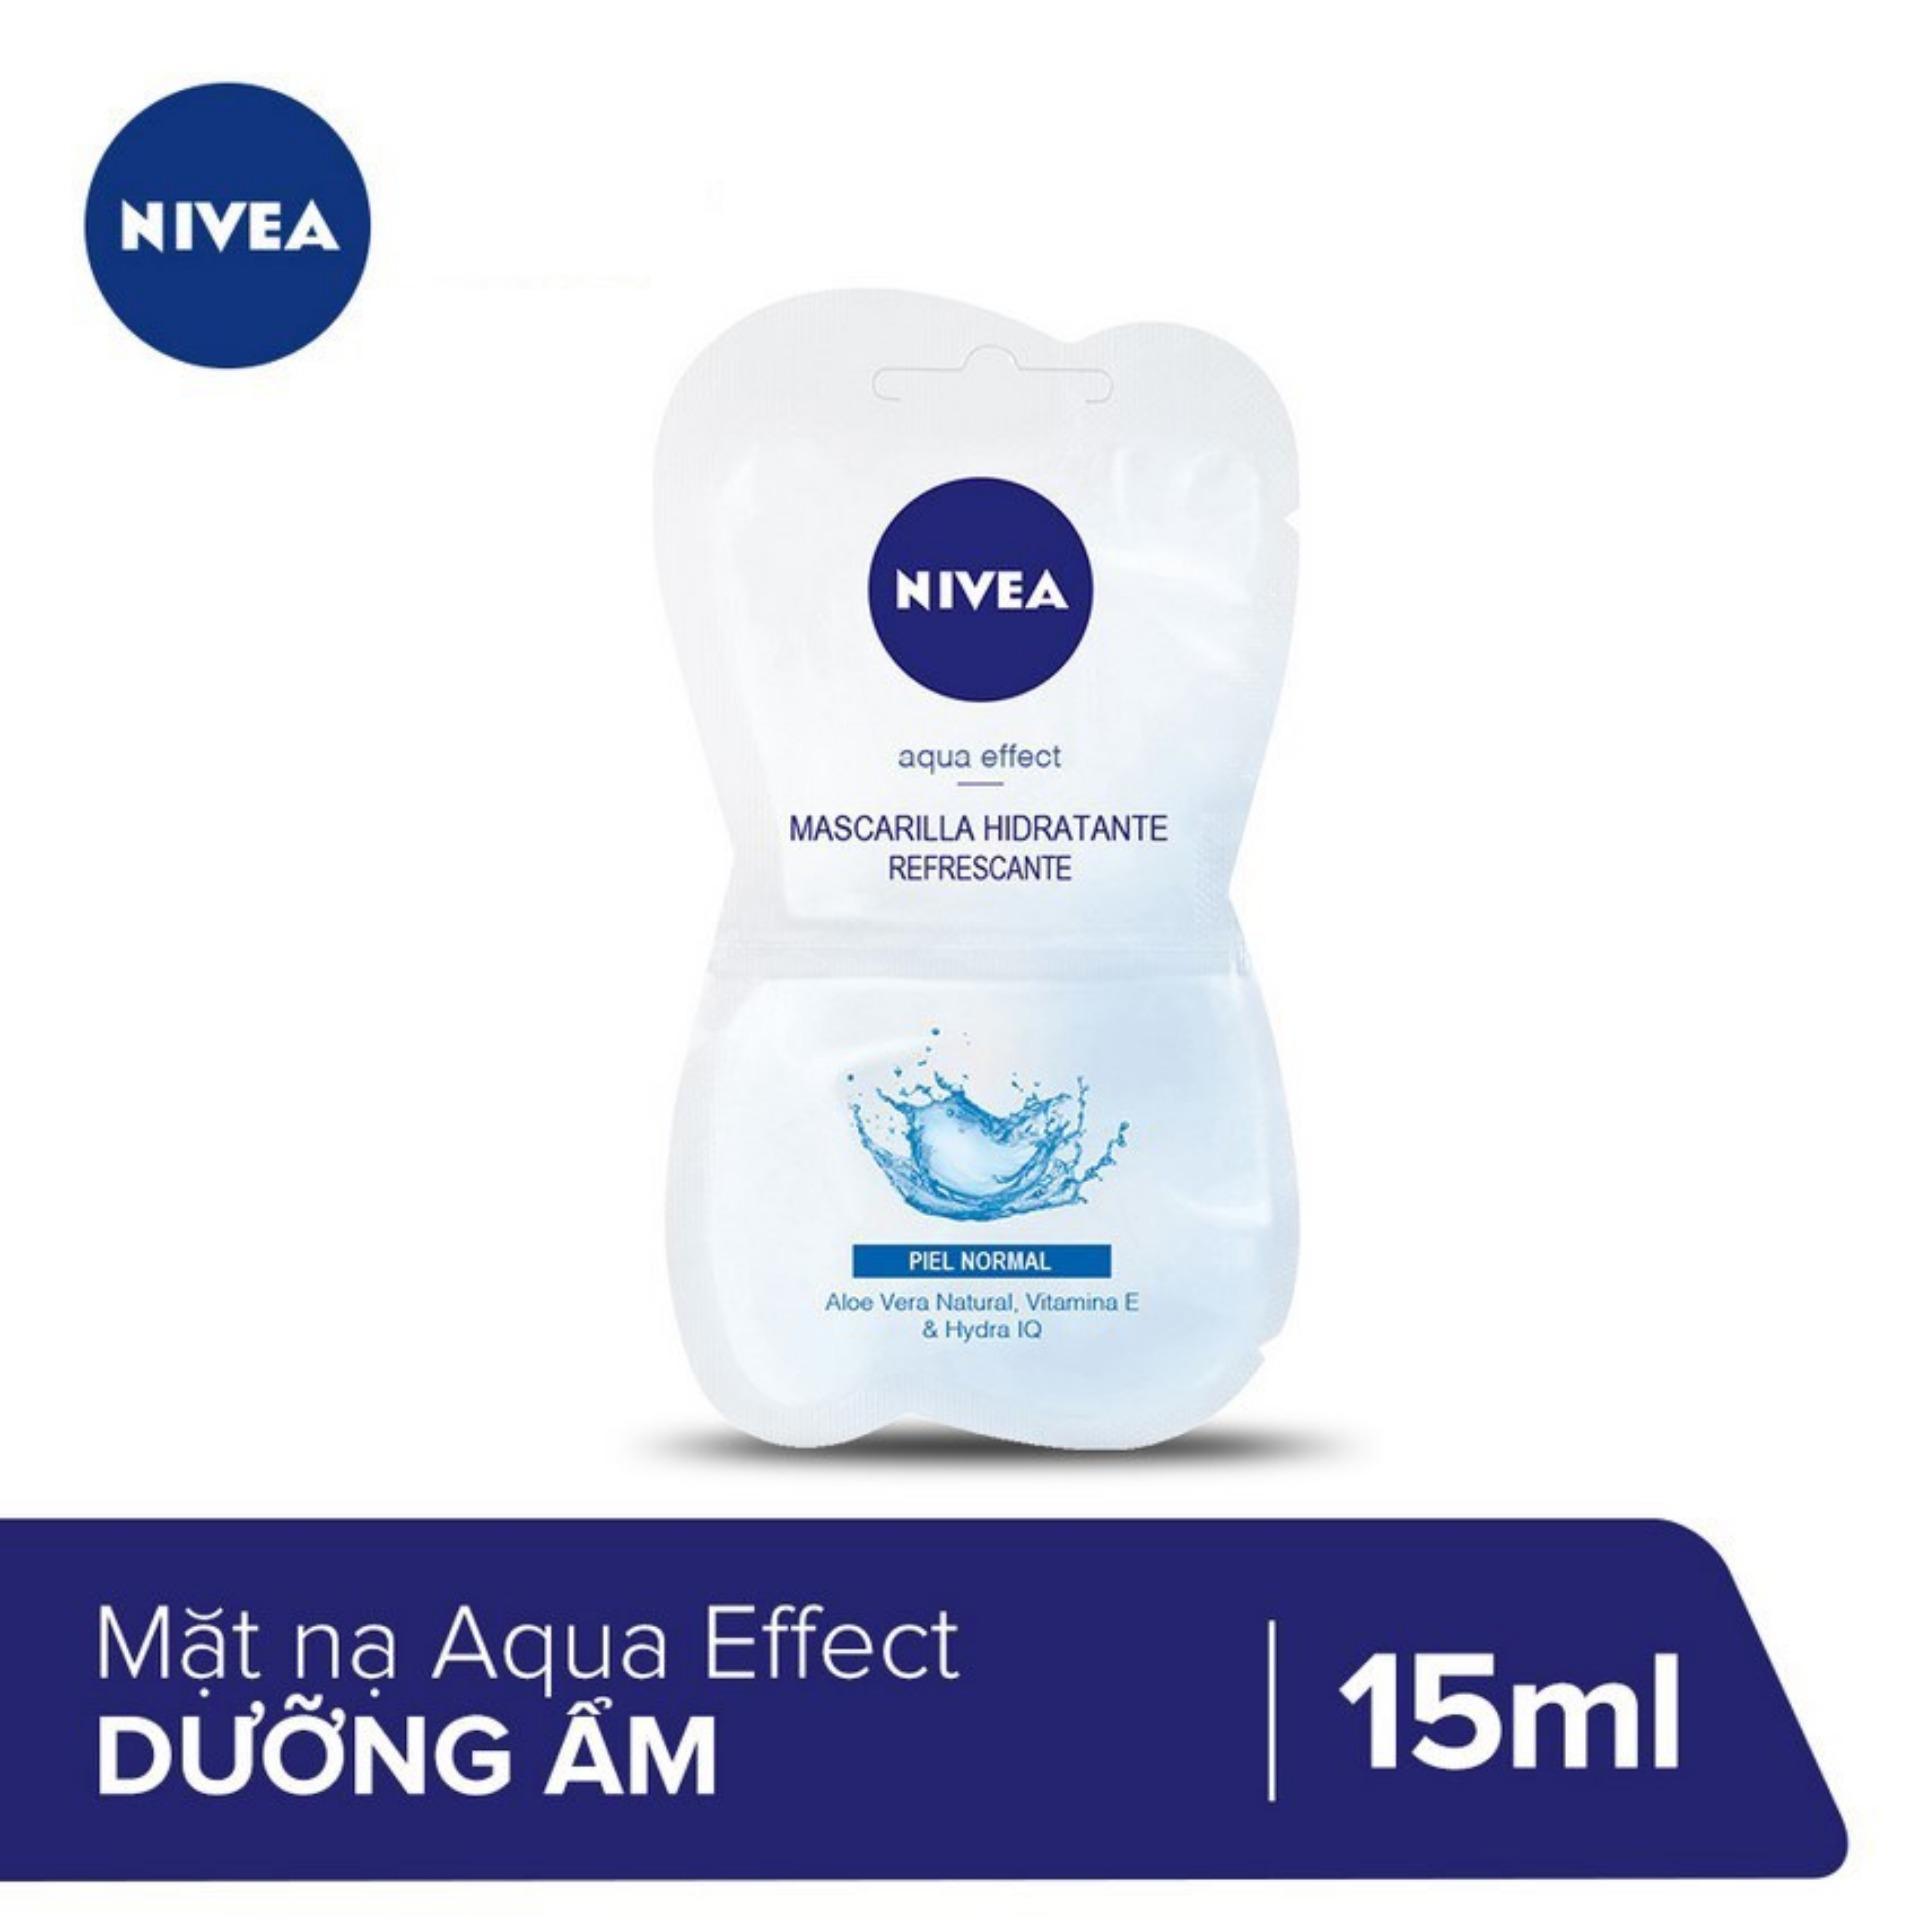 Mặt nạ dưỡng ẩm Nivea 15ml _ 84720